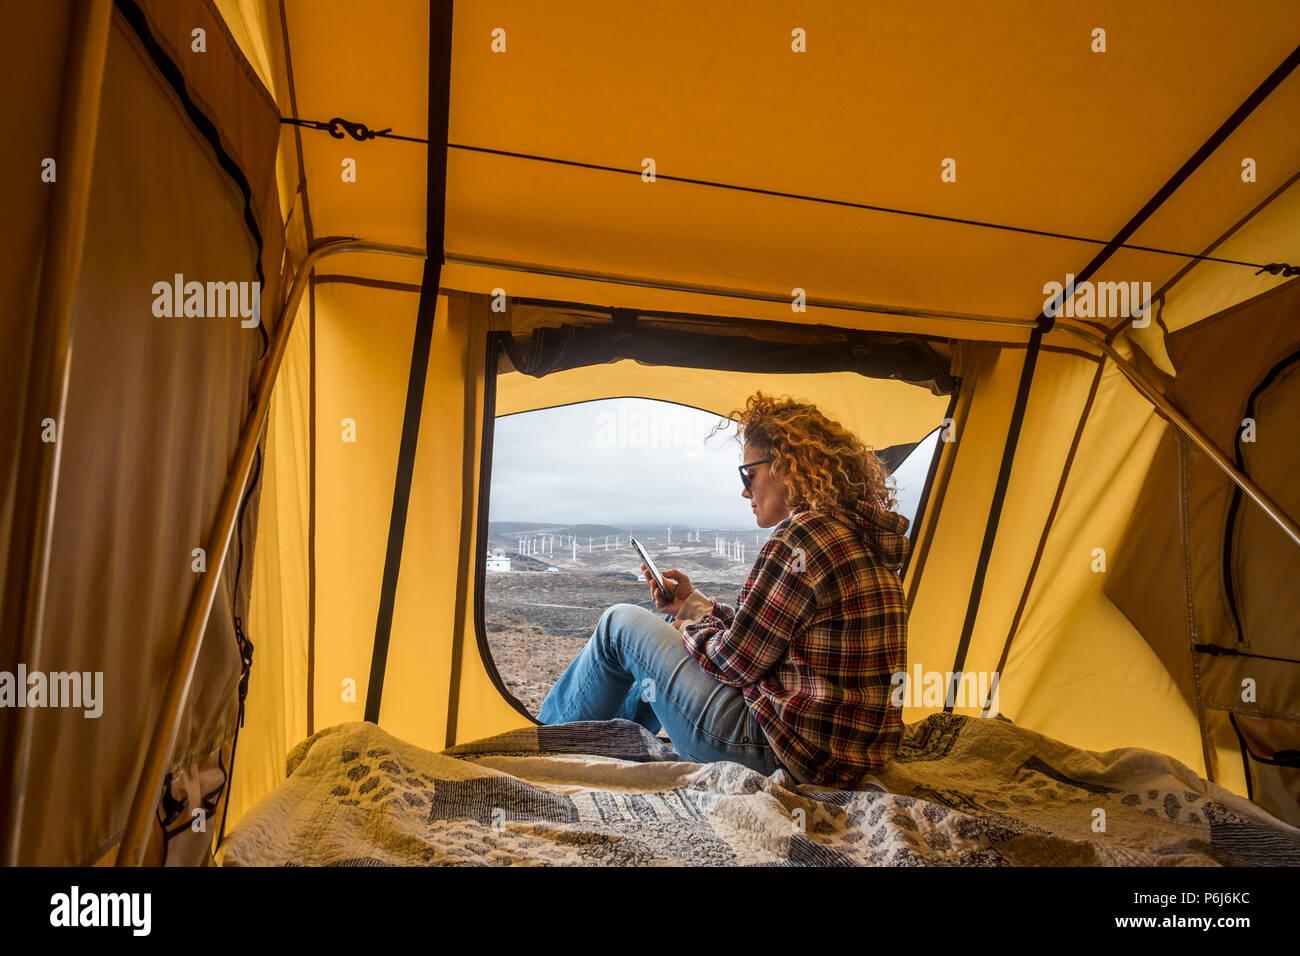 Schöne kaukasische Frau überprüfen Sie das Smartphone für Internet Kontakte und arbeiten, während draußen ein Zelt mit Blick auf den Ozean sitzen. Reisen und Arbeiten Konzept w Stockbild